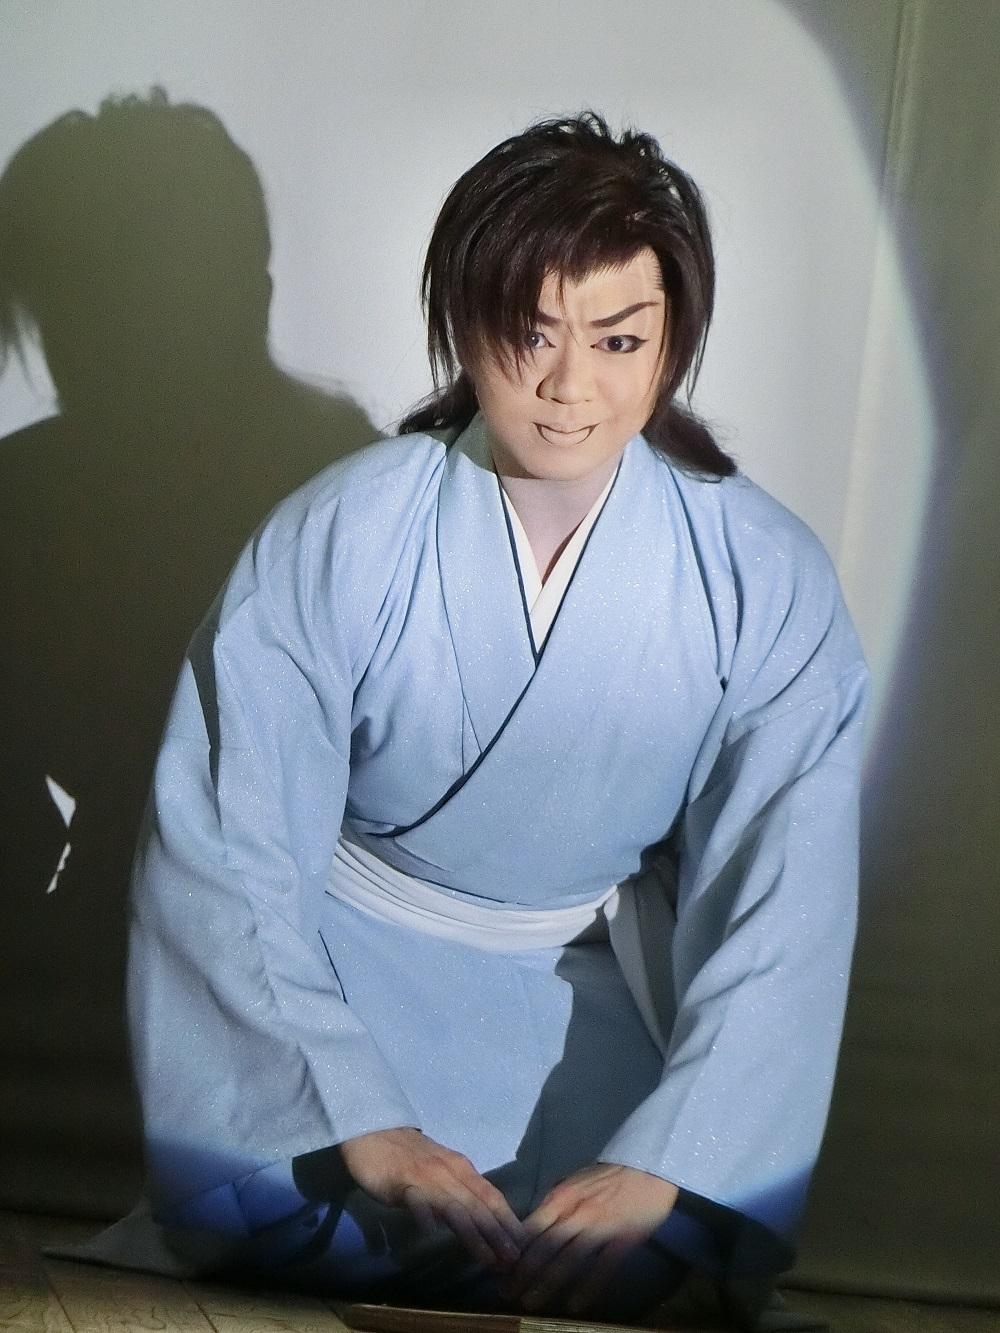 若座長・龍錦さん。新座長の弟。真面目で優しい人柄が芸にも現れる。